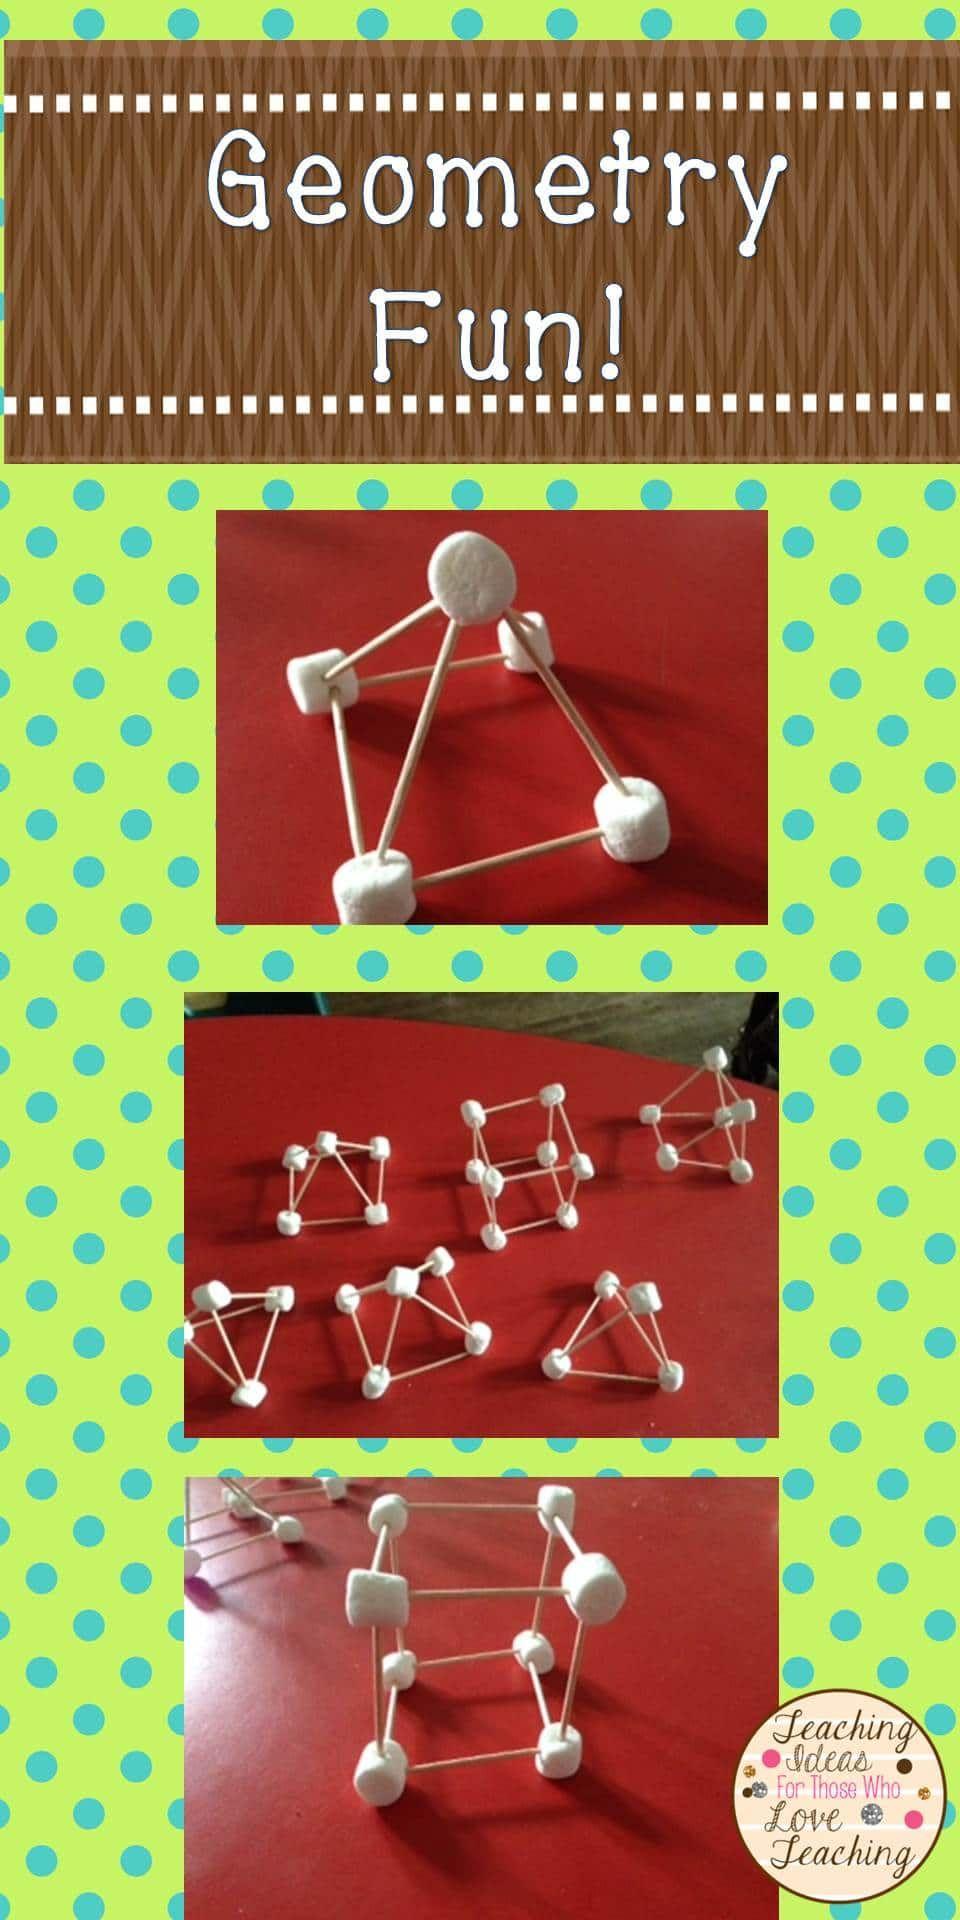 Fun With Geometry